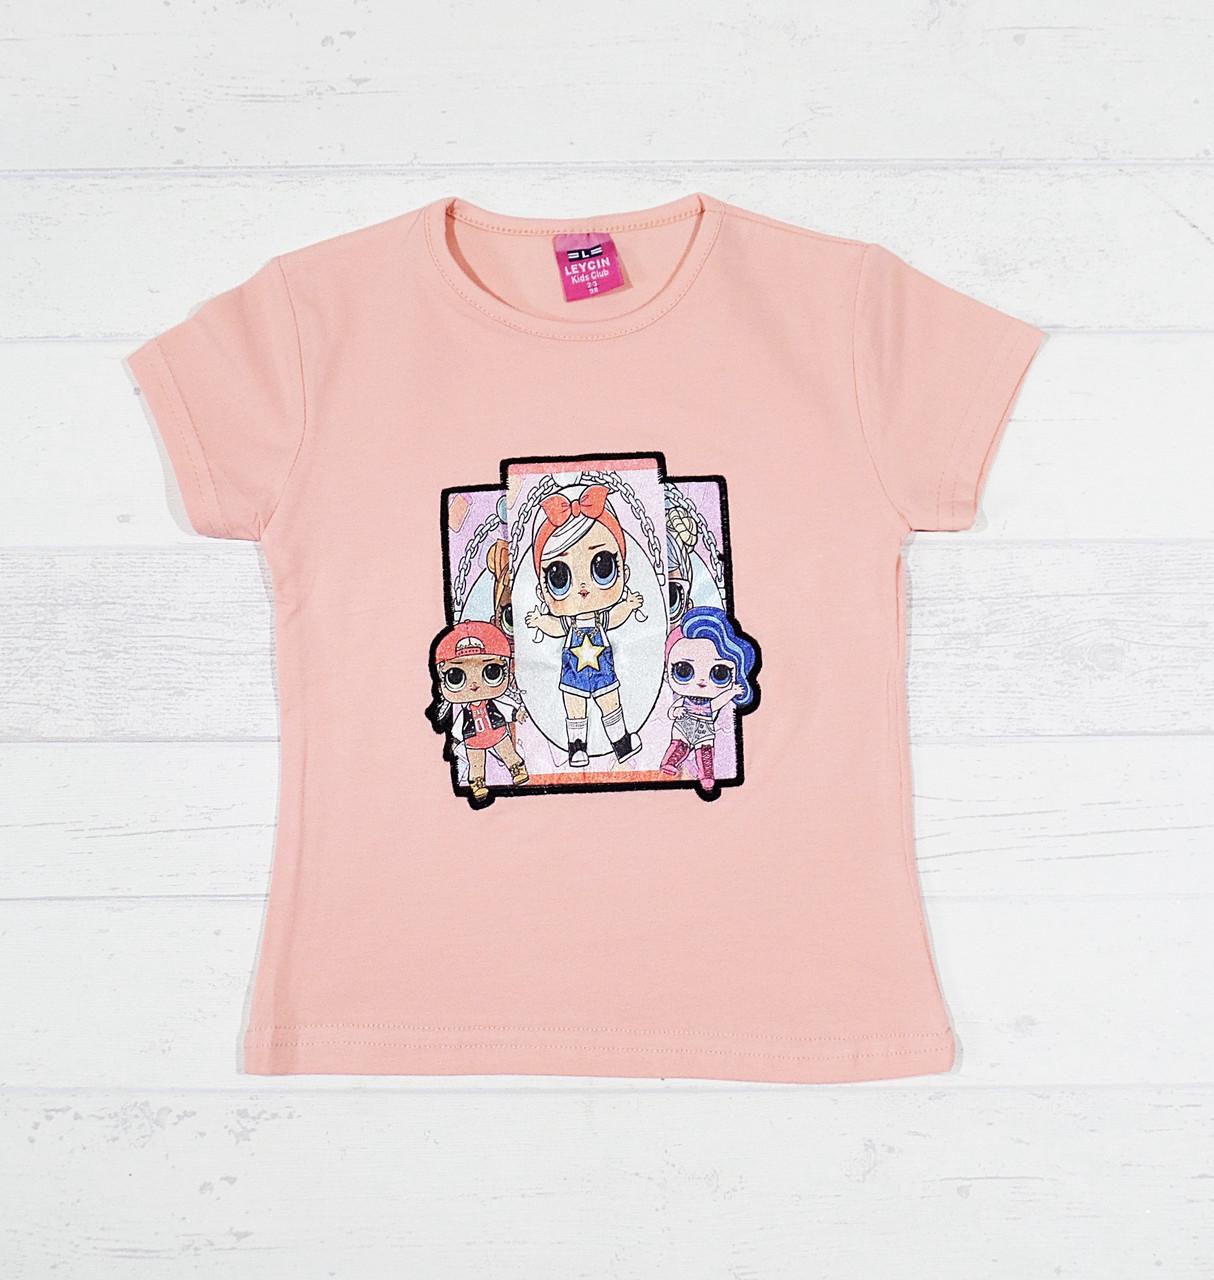 Детская футболка для девочек с куколками Лол 3,4,5,6,7 лет персик